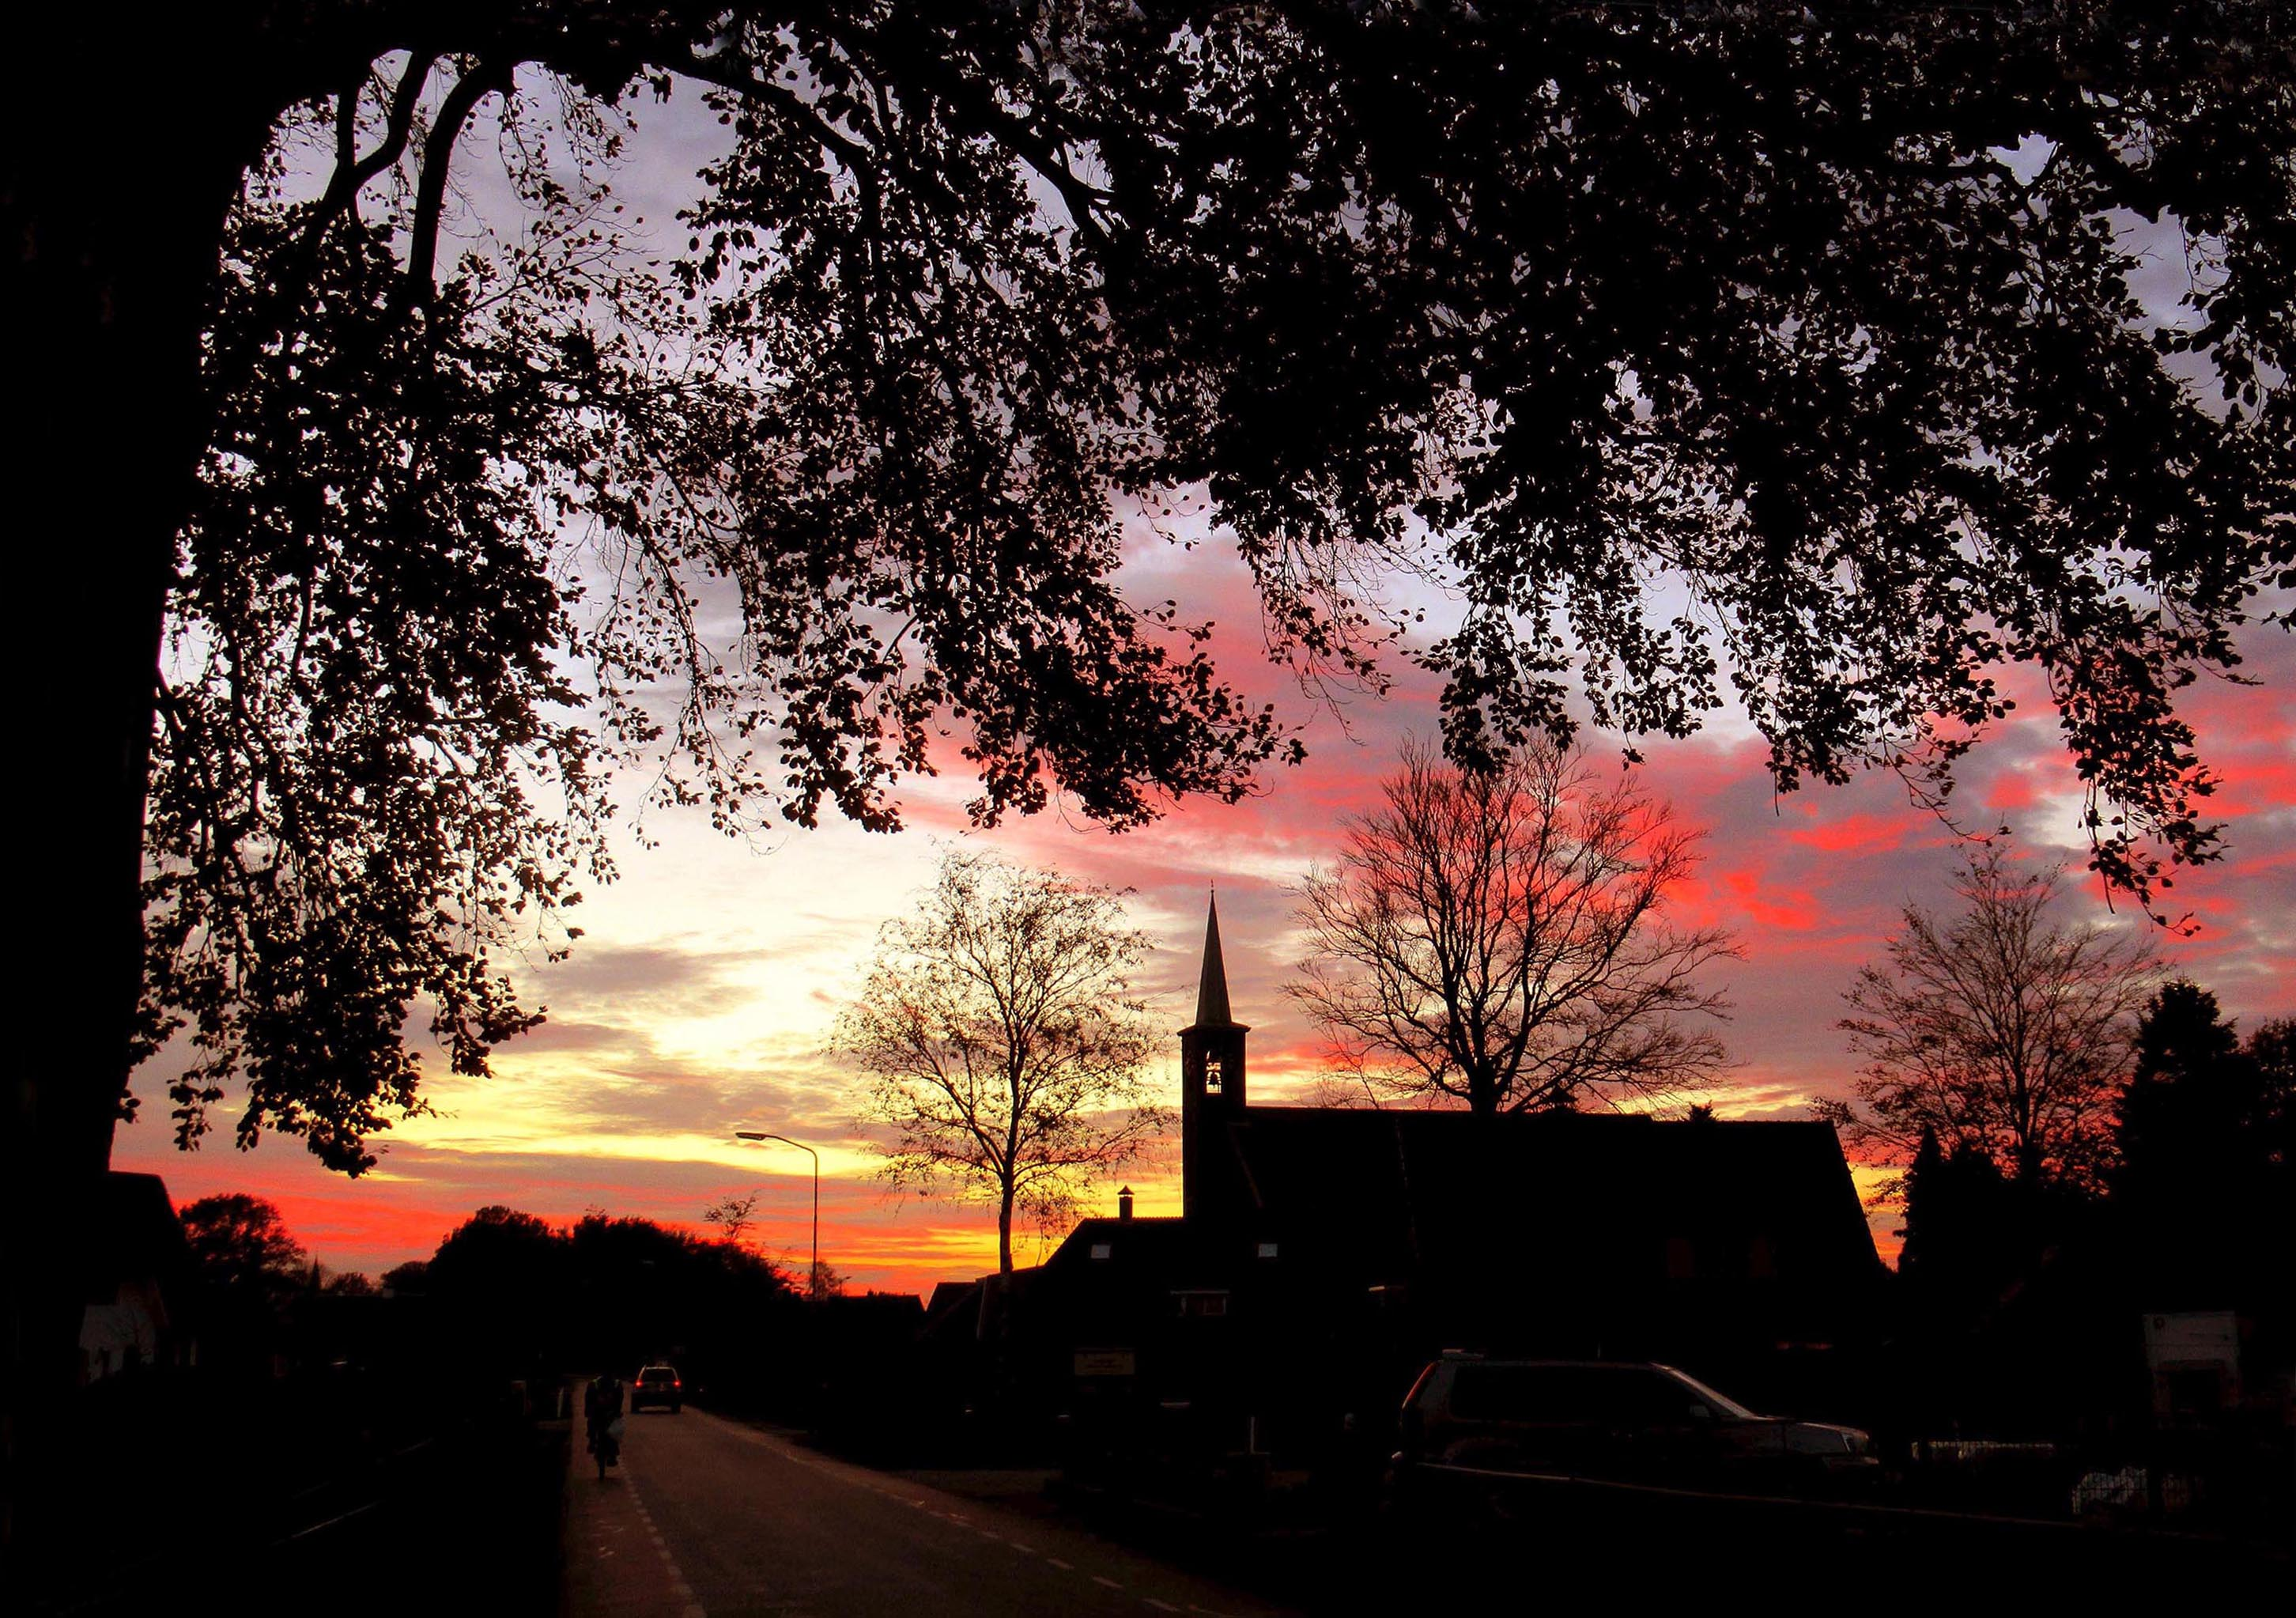 Prachtig avondrood toen we over de Vierhouterweg Elspeet binnenreden - Foto: ©Louis Fraanje